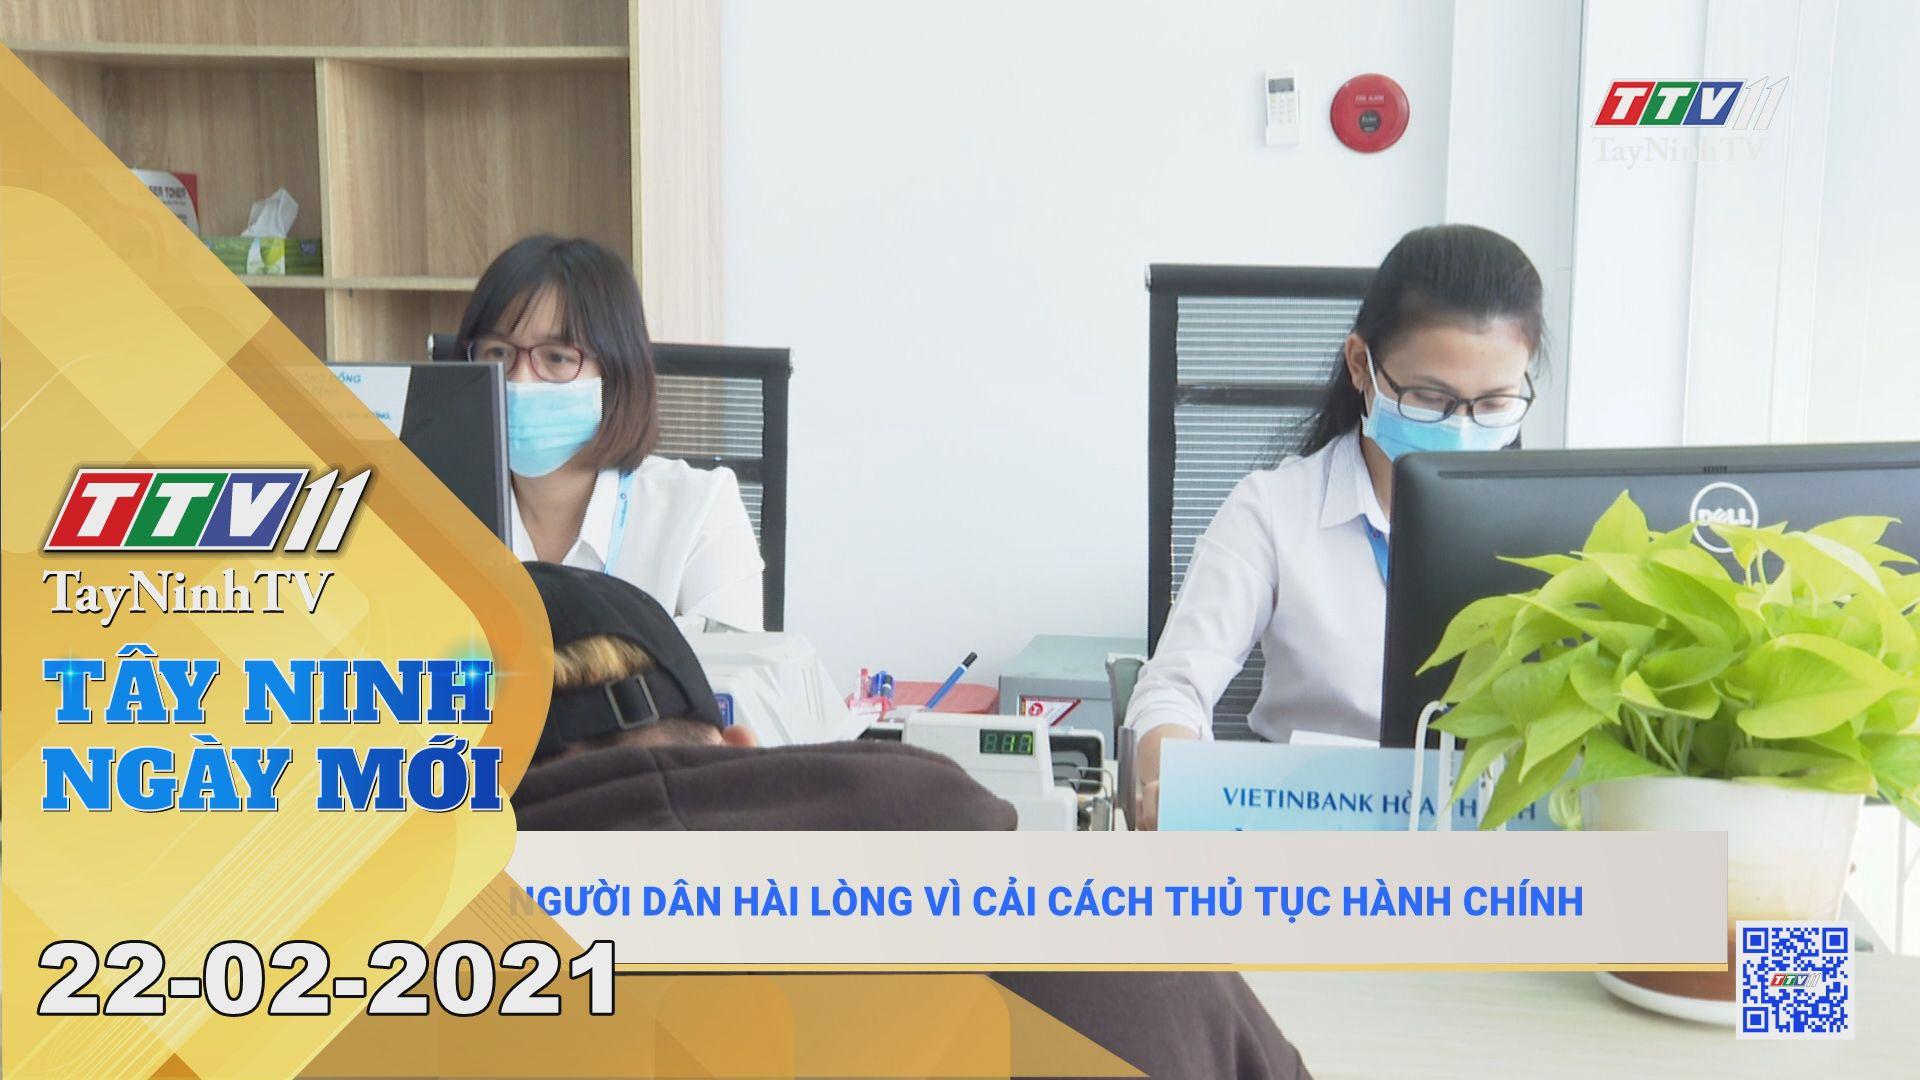 Tây Ninh Ngày Mới 22-02-2021 | Tin tức hôm nay | TayNinhTV